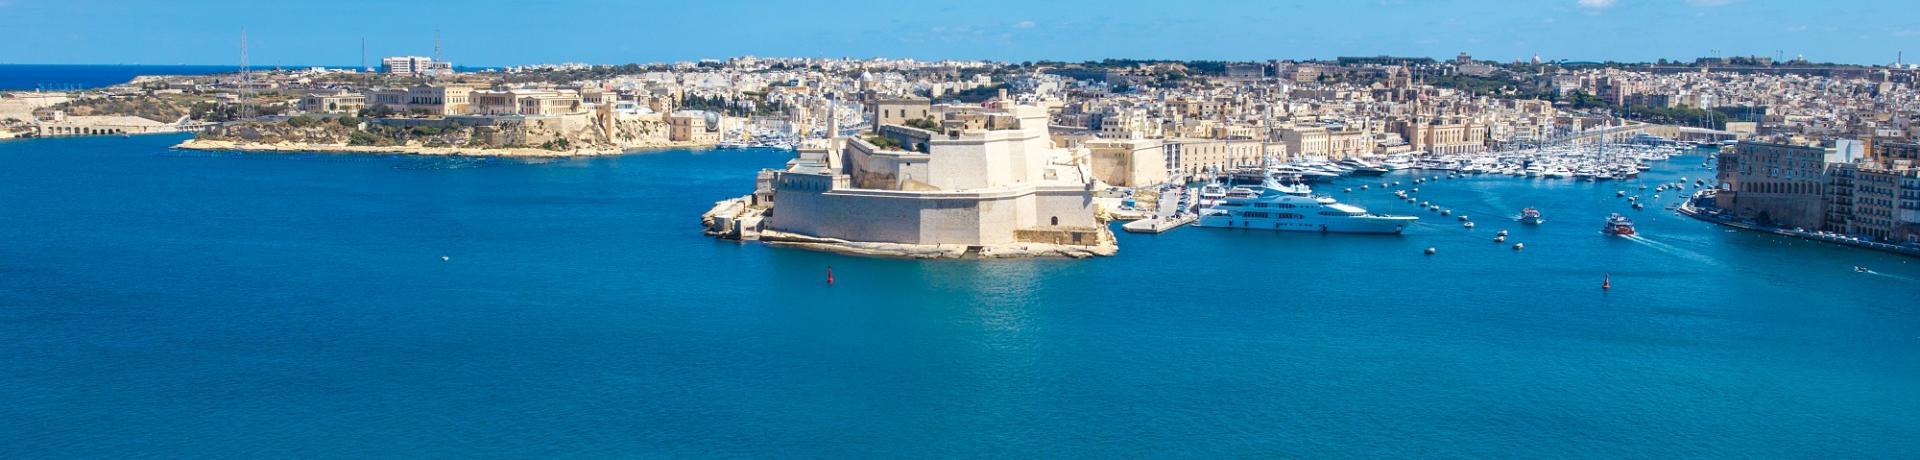 Malta-Valetta_GI-674948760.jpg